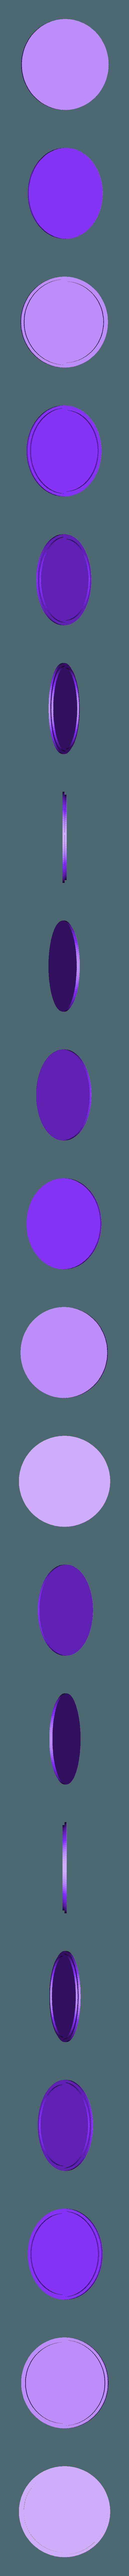 lid_36r0.stl Télécharger fichier SCAD gratuit Contenants ronds personnalisables • Plan pour impression 3D, WalterHsiao